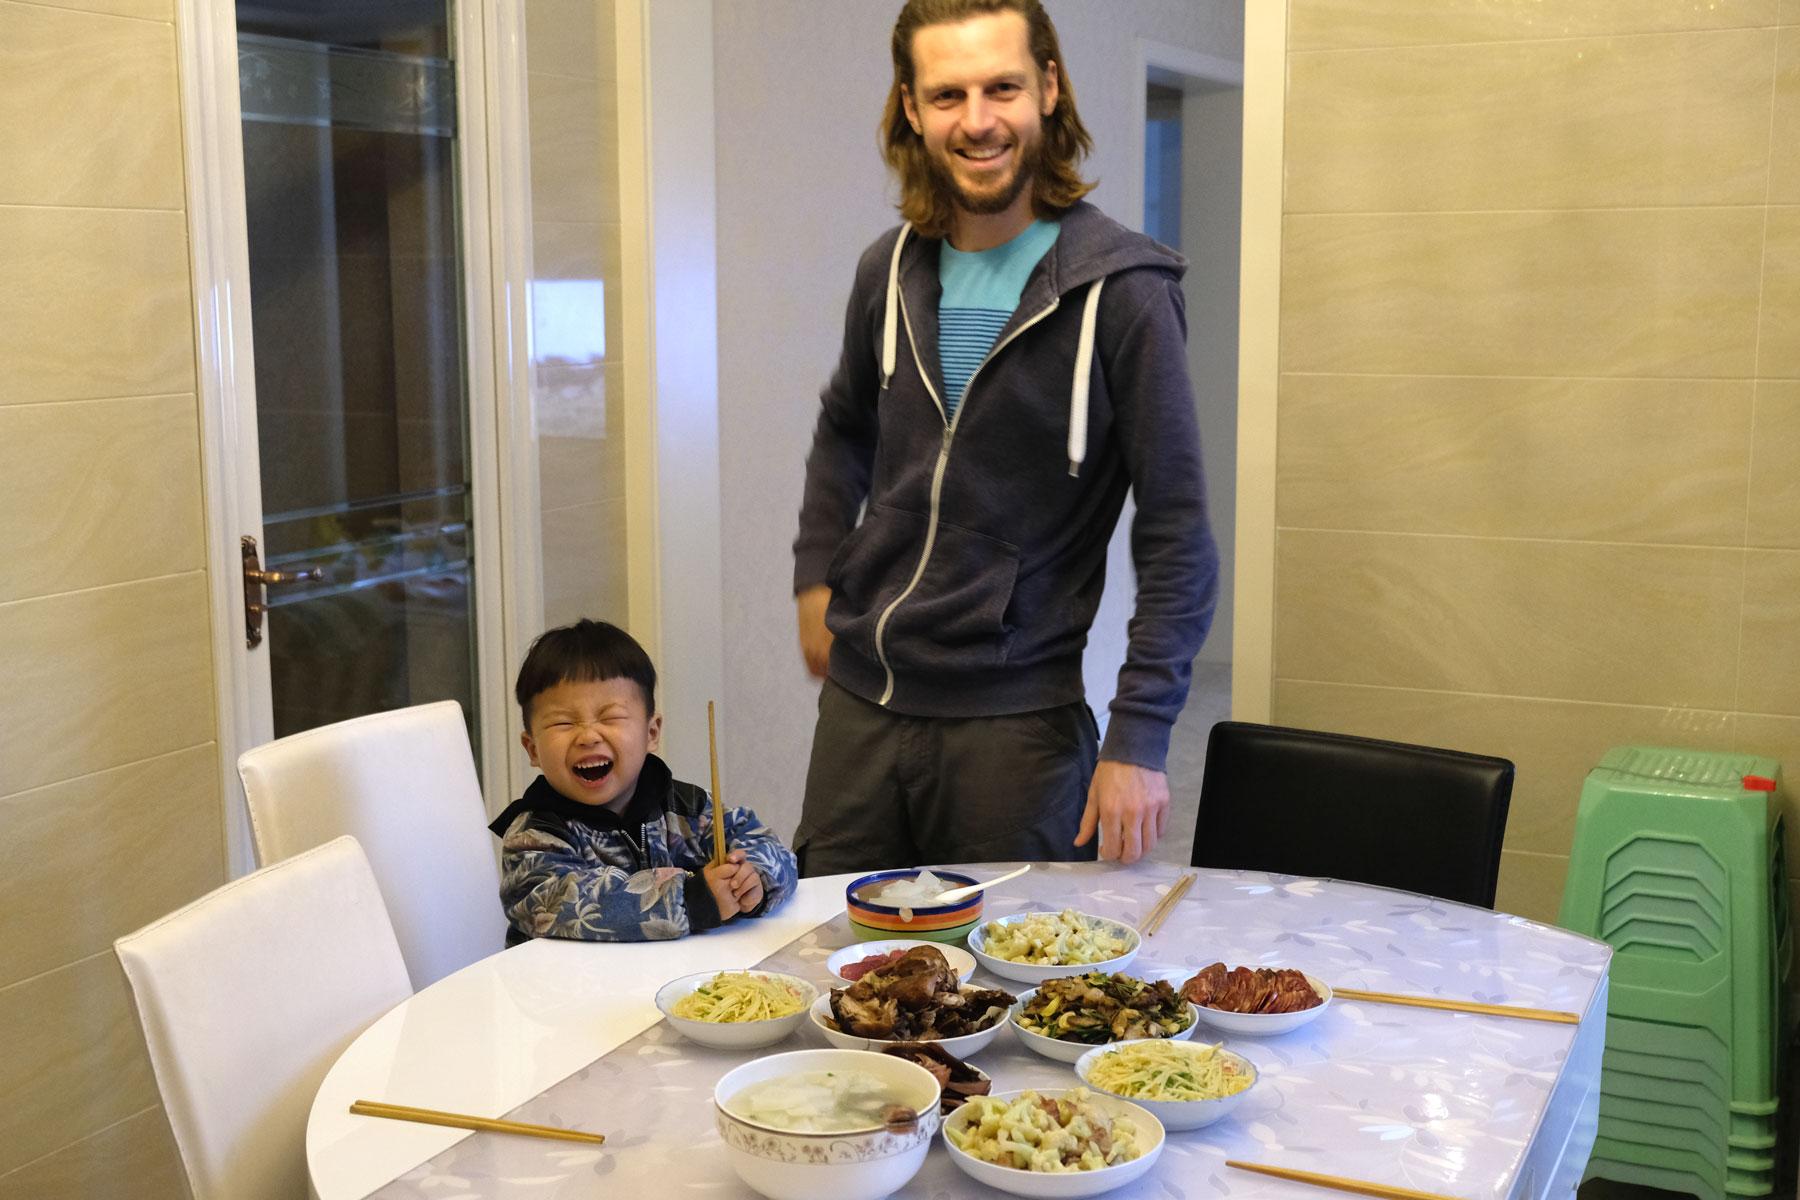 Leo steht neben einem lachenden chinesischen Jungen hinter einem gedeckten Tisch.